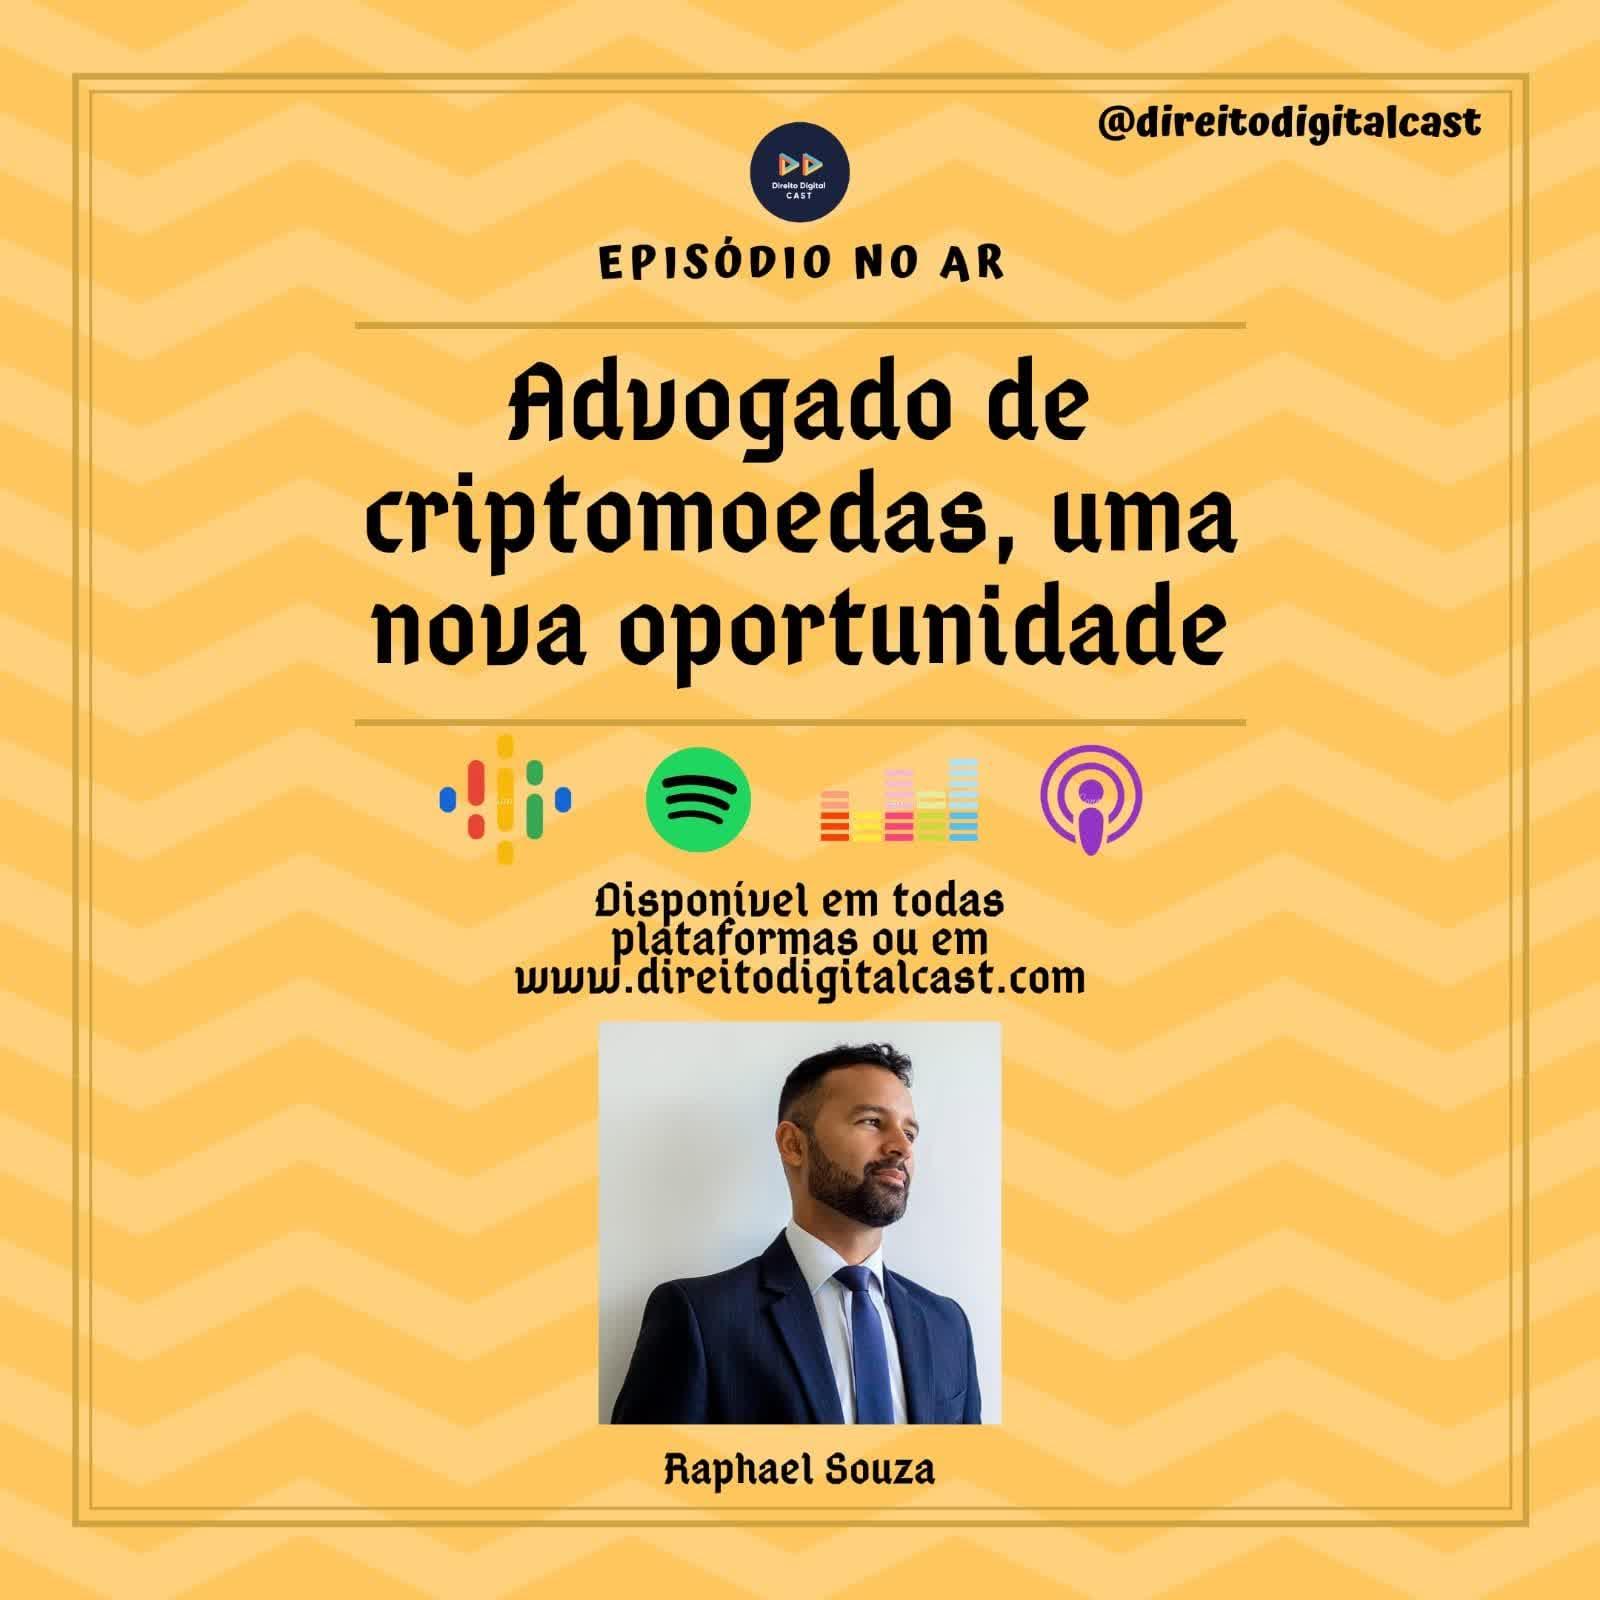 #52 Advogado de criptomoedas, uma nova oportunidade